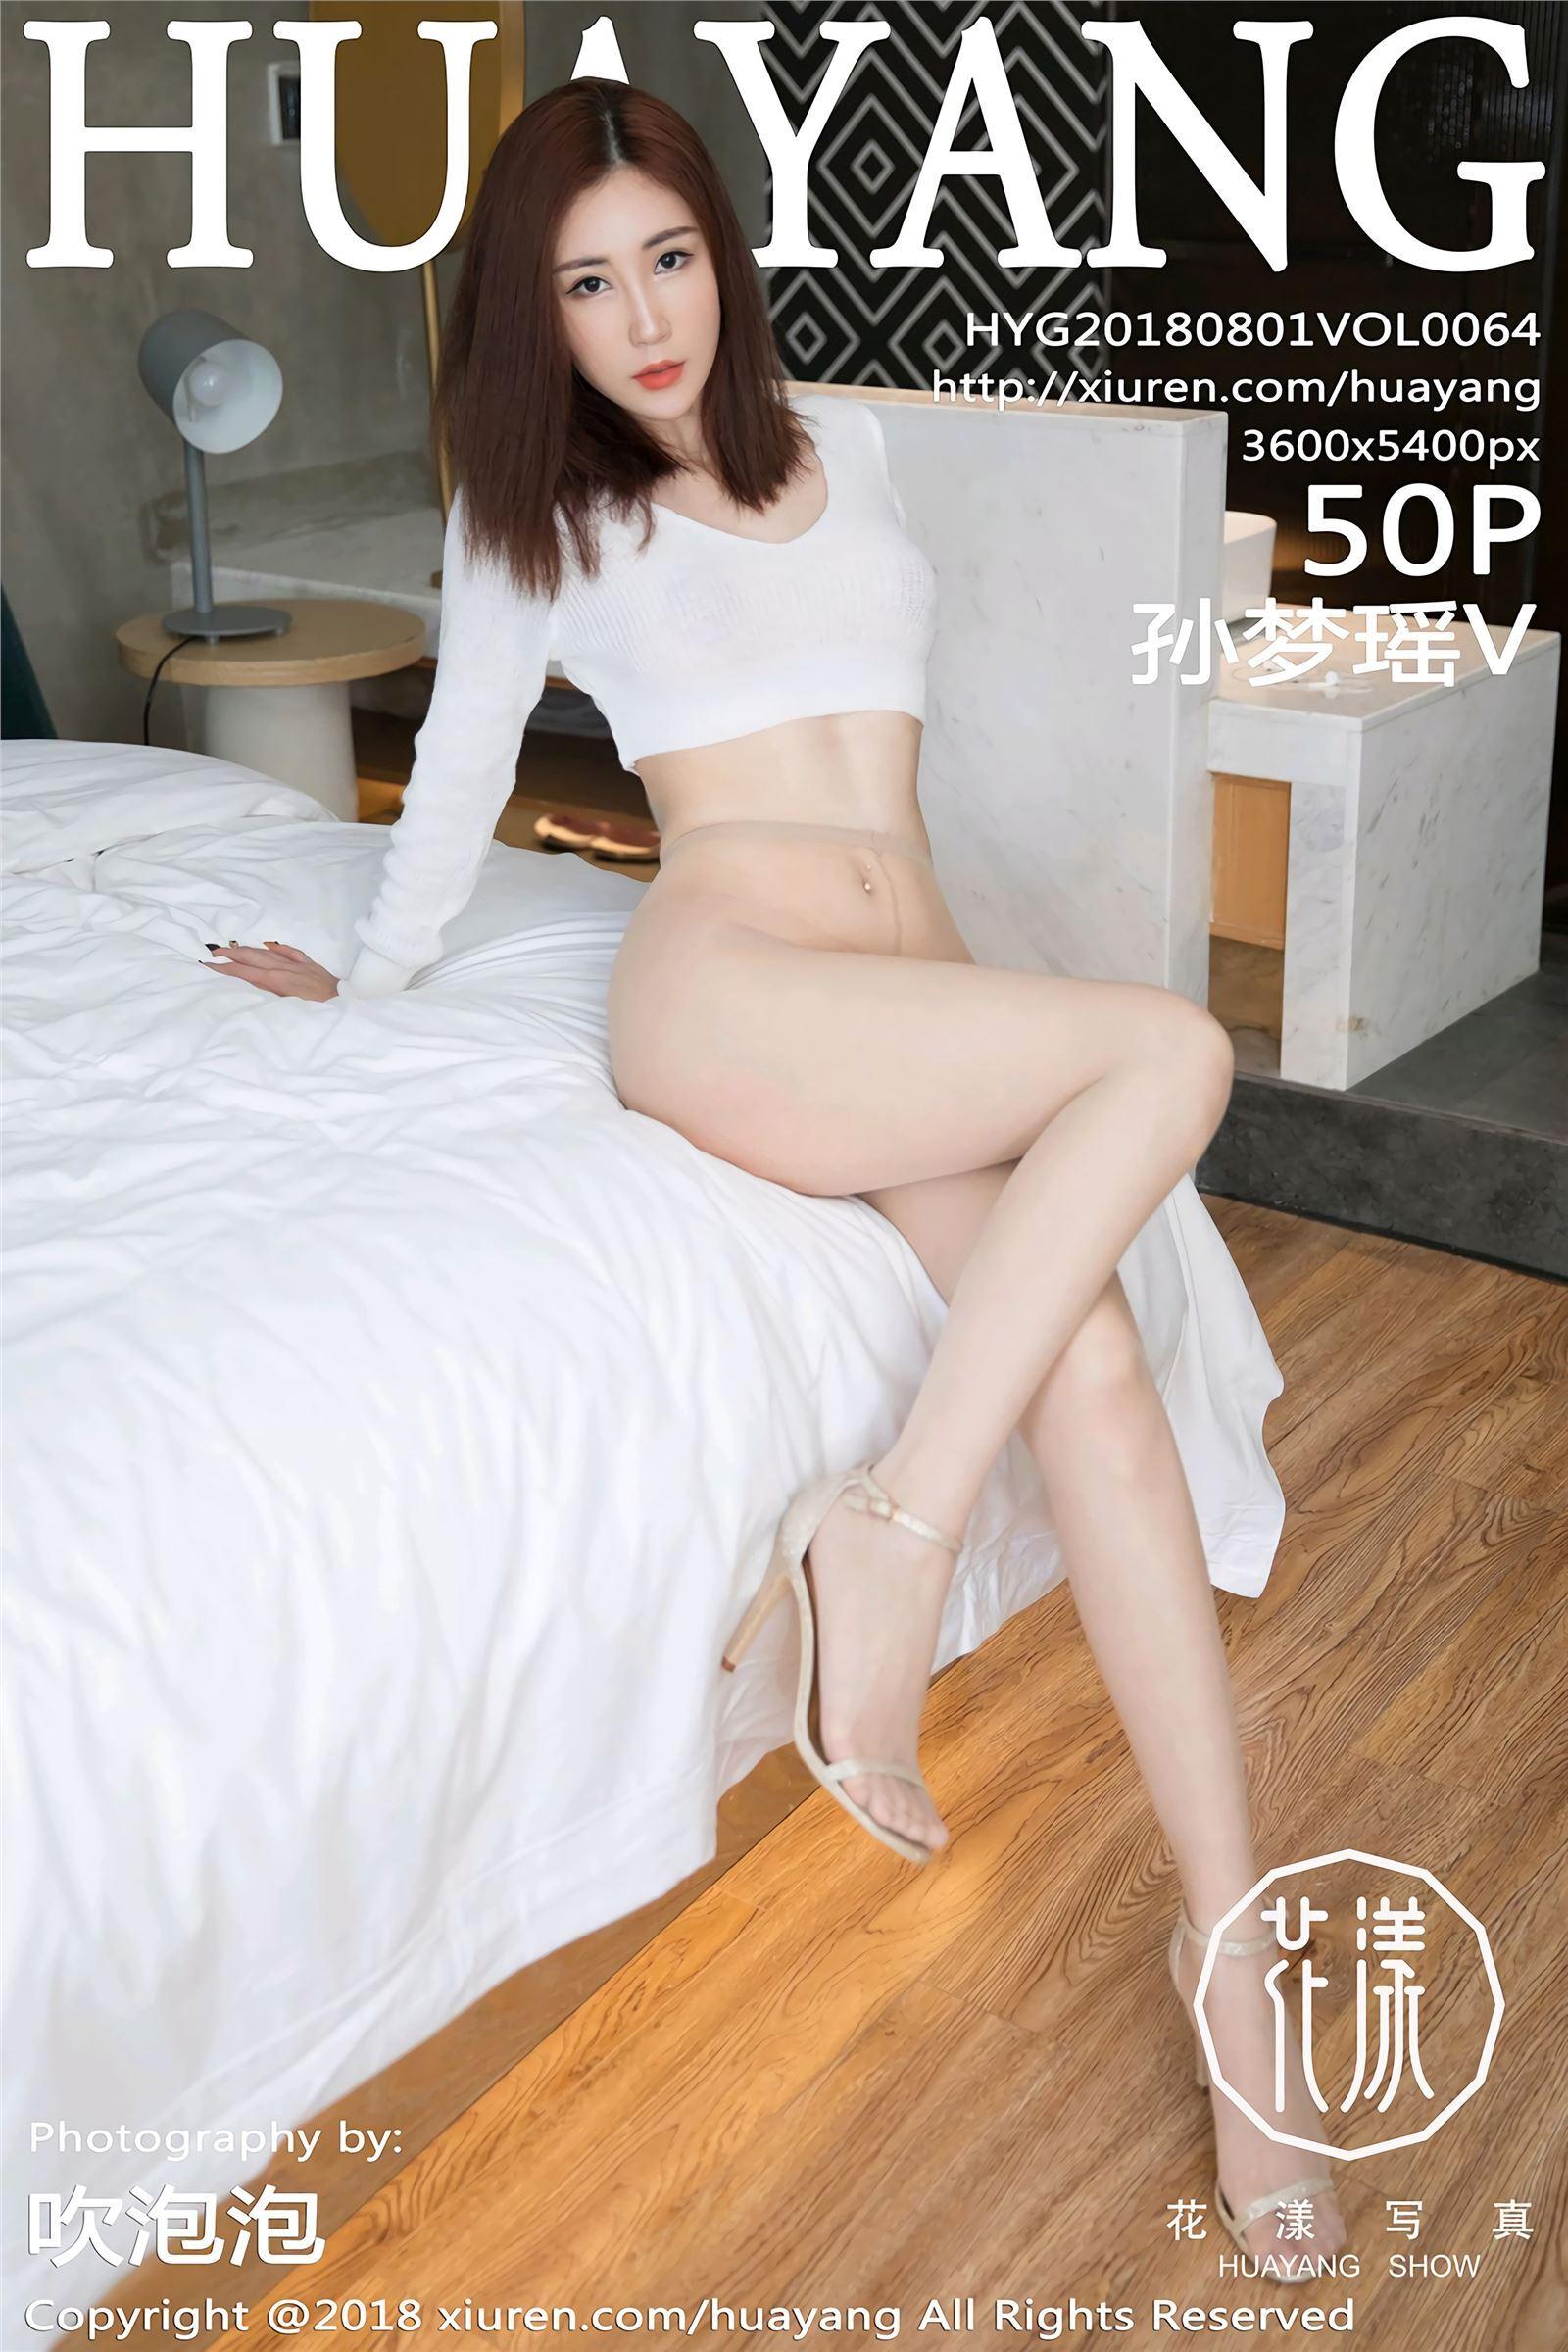 HuaYang 花漾写真 2018.08.01 VOL.064 孙梦瑶V